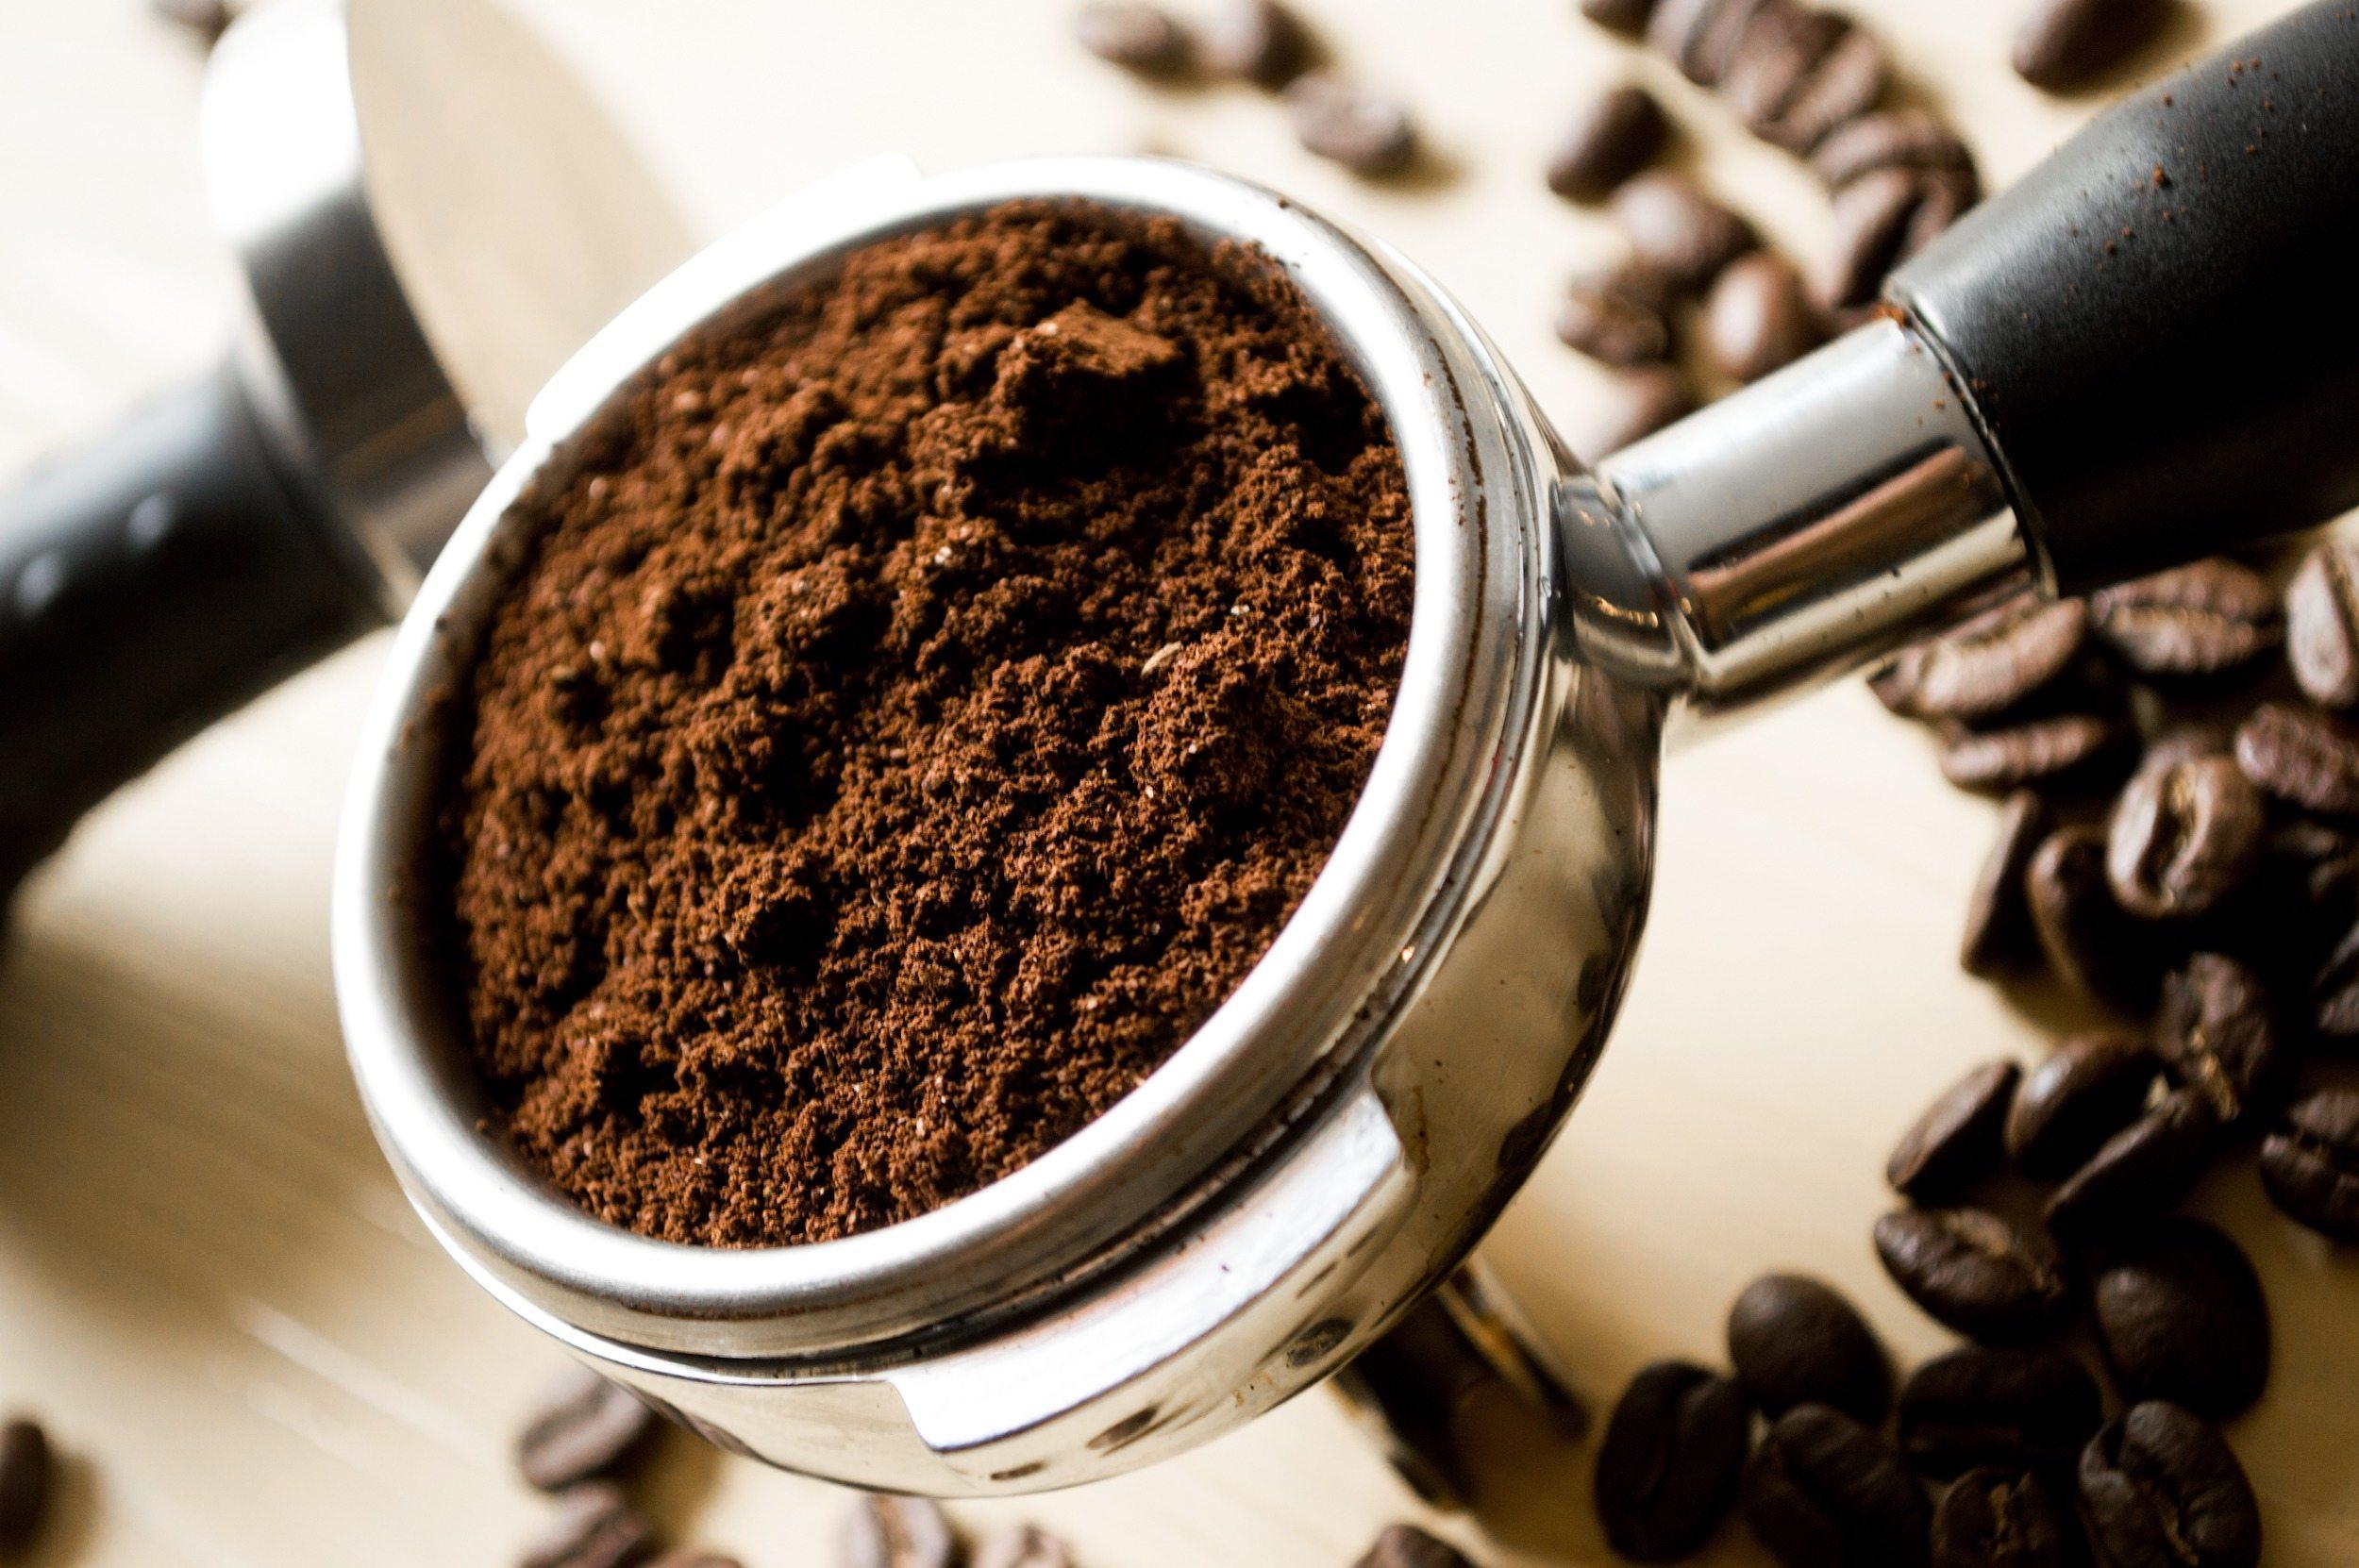 Super Marc de café : 15 astuces pour le réutiliser de façon astucieuse GQ33